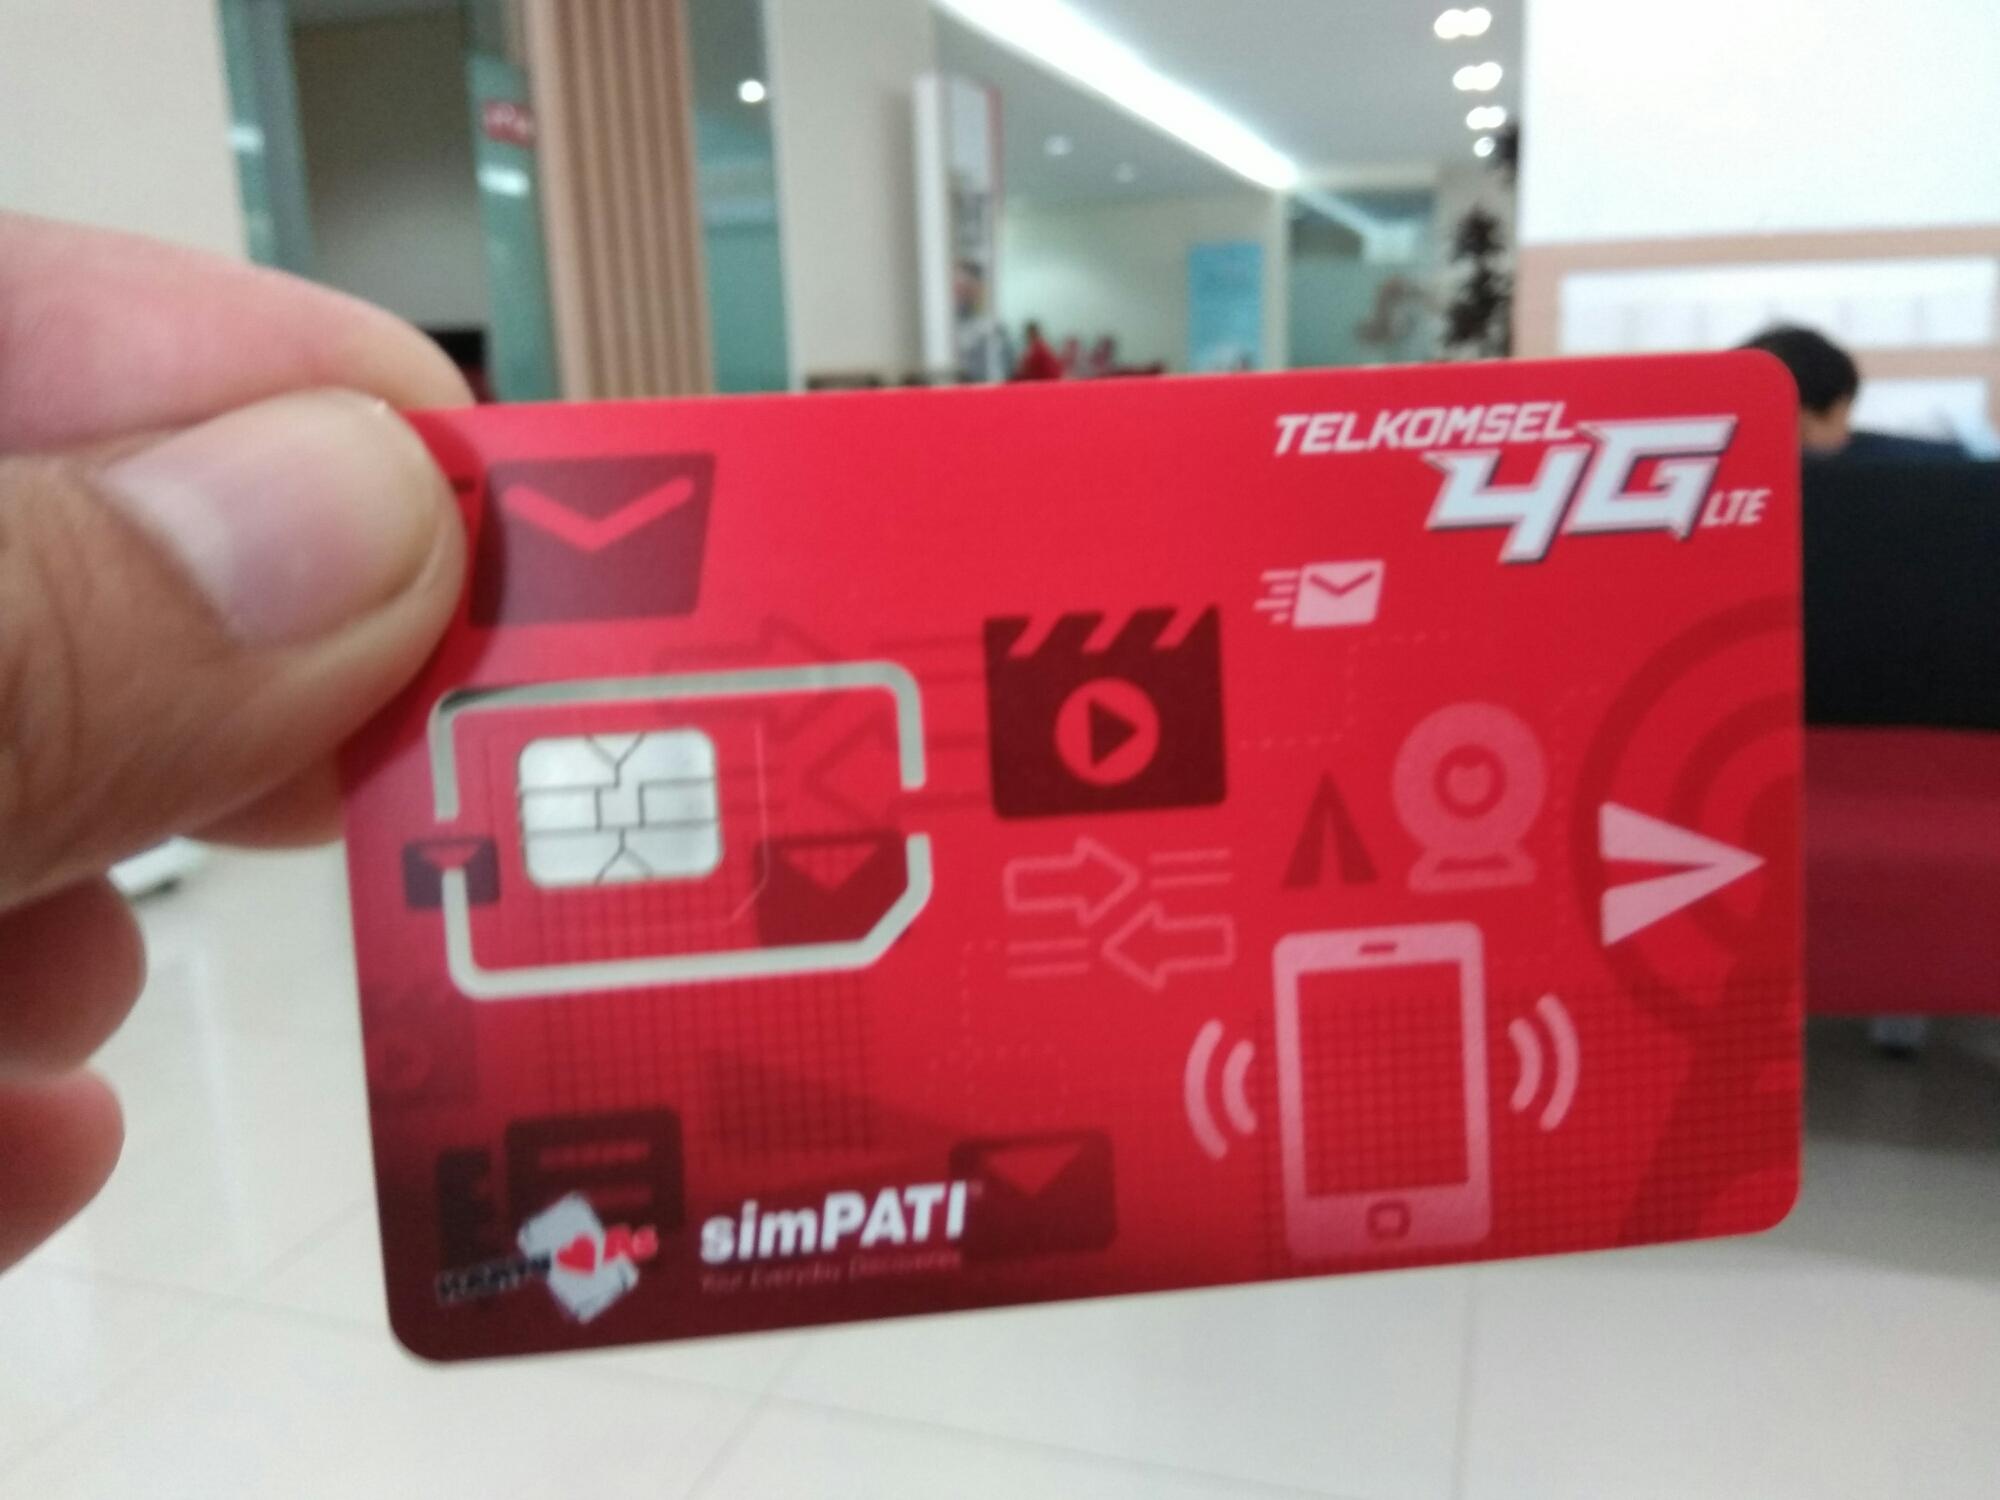 grapari telkomsel malang simcard 4g